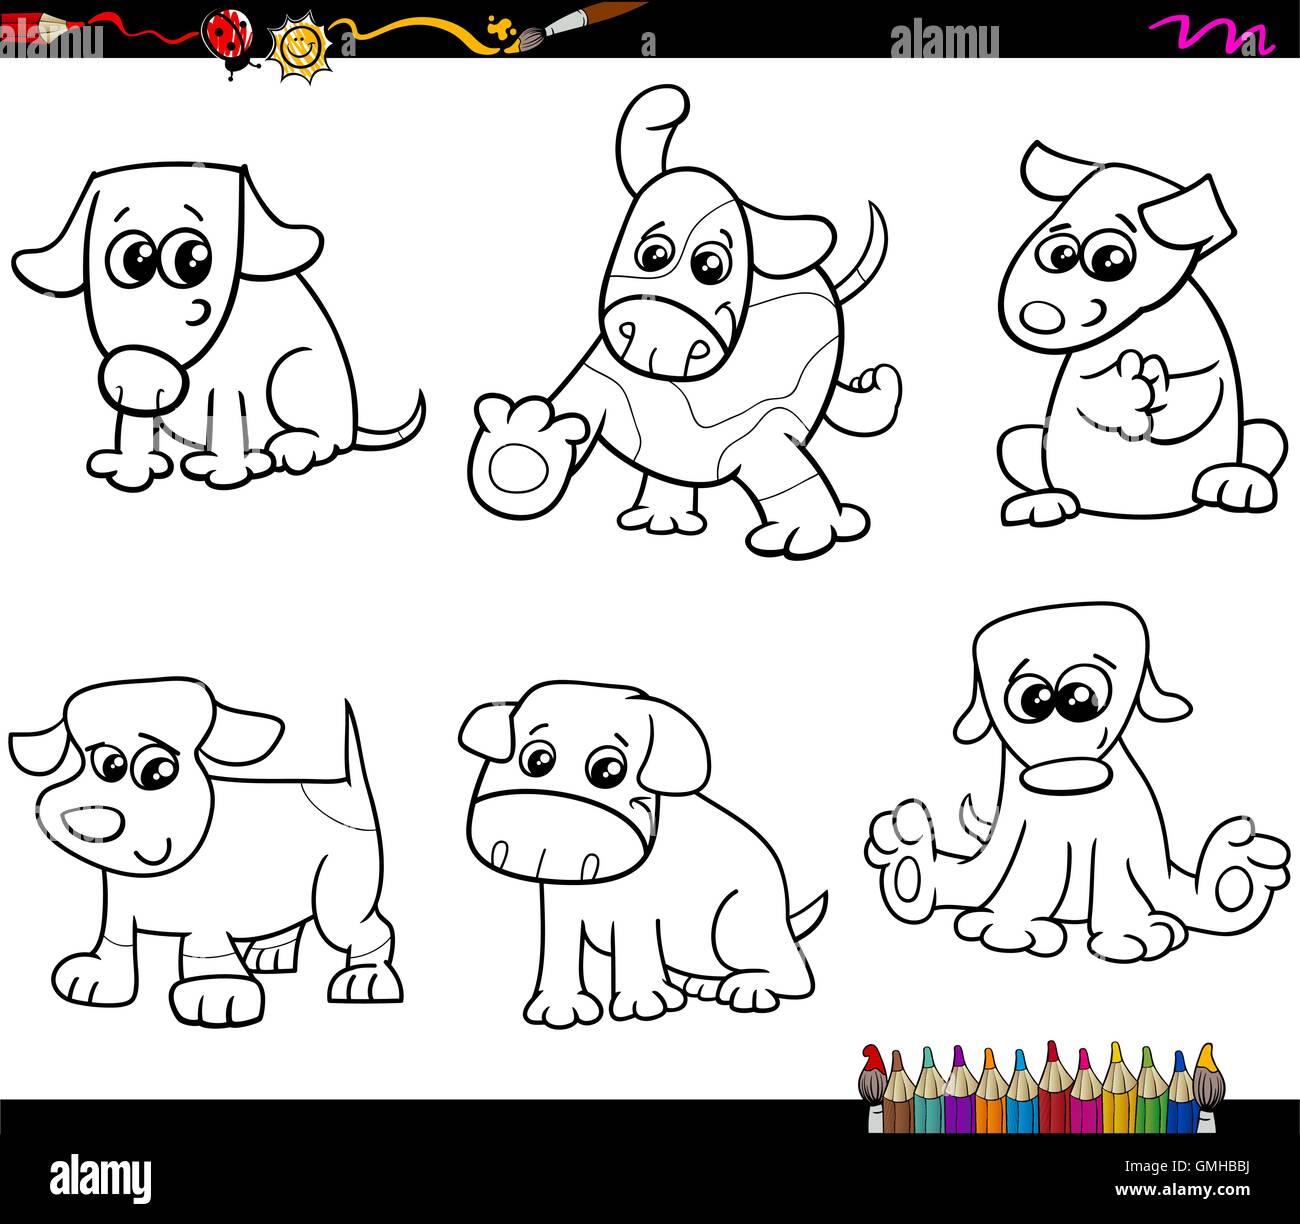 Dog Book Funny Stockfotos & Dog Book Funny Bilder - Seite 11 - Alamy